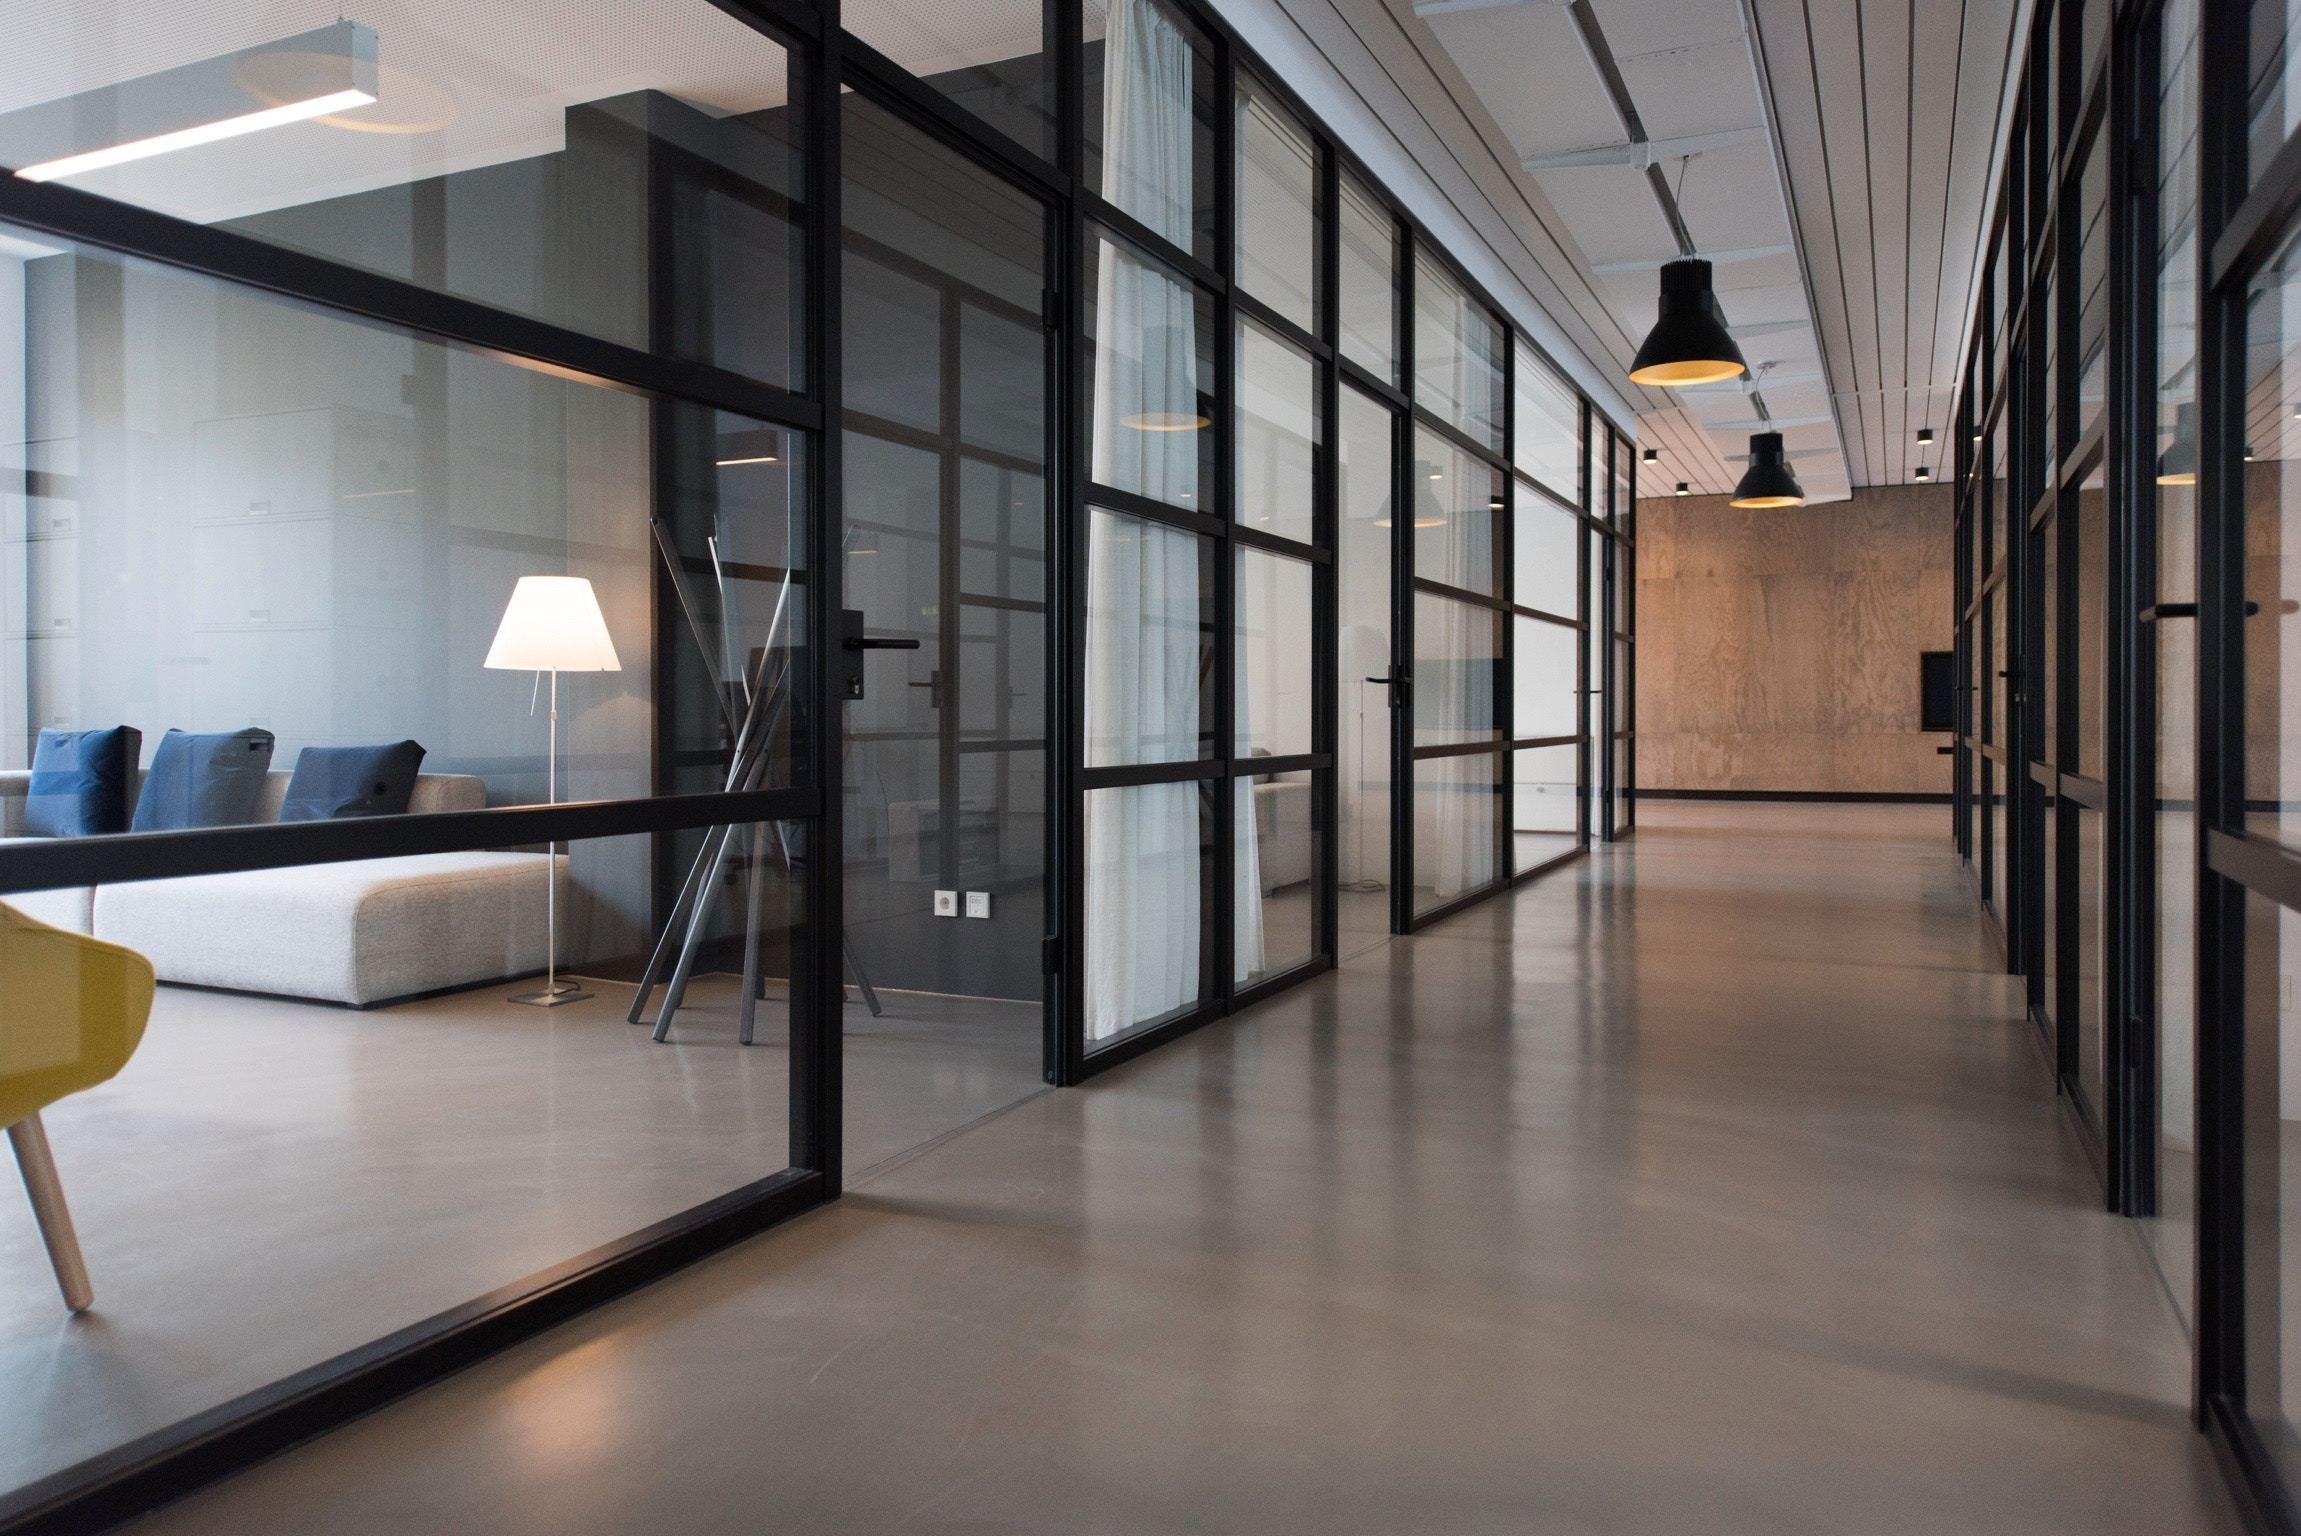 Commercial Real Estate Broker